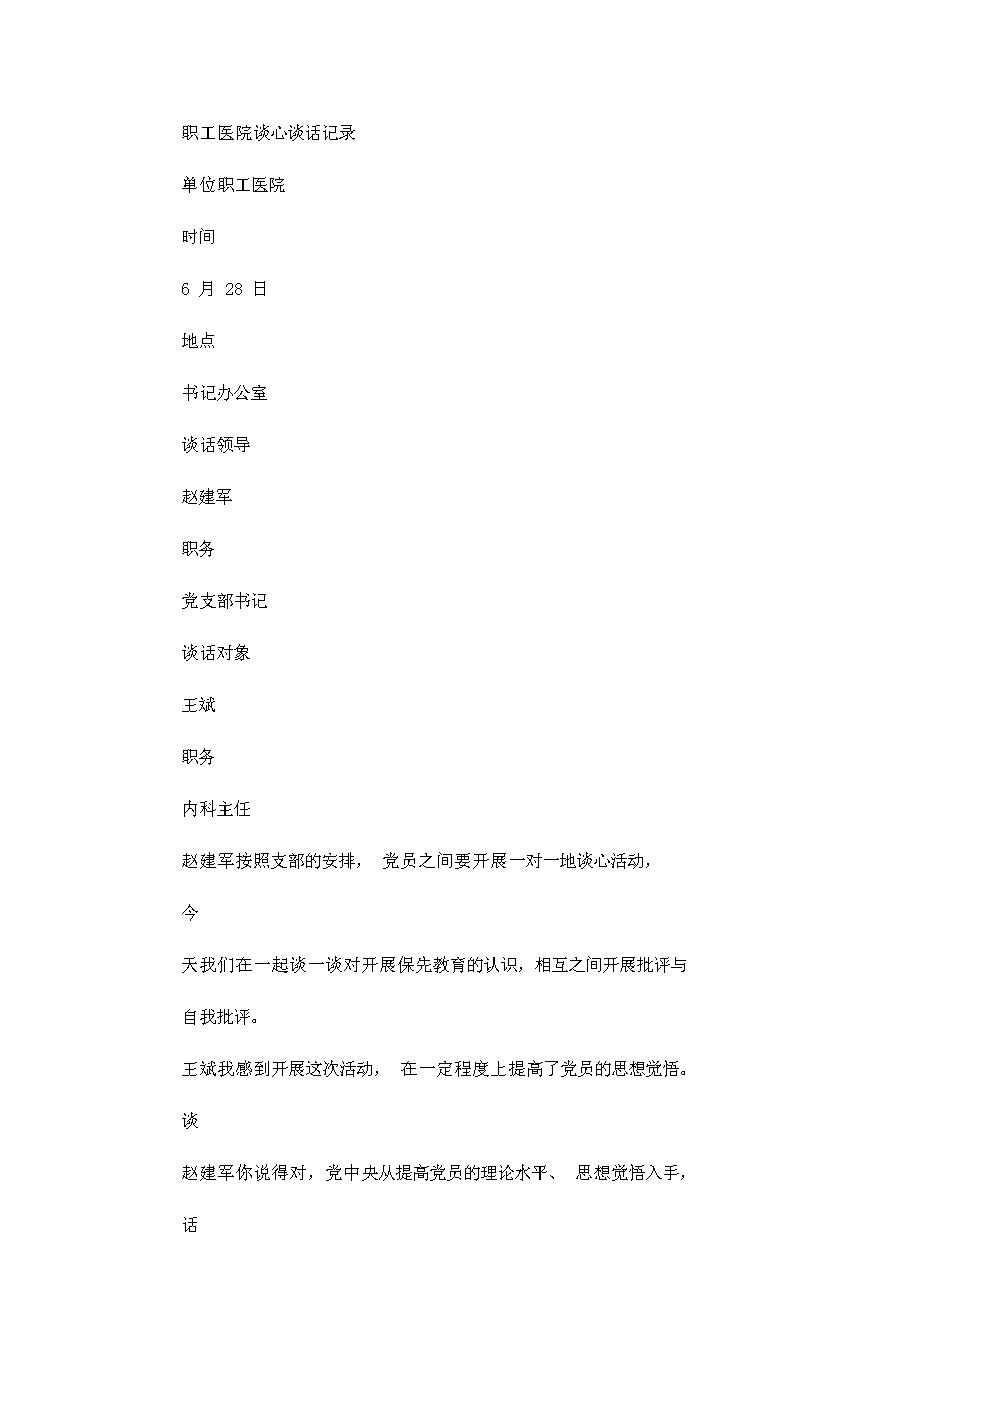 医院党员谈心谈话记录.doc